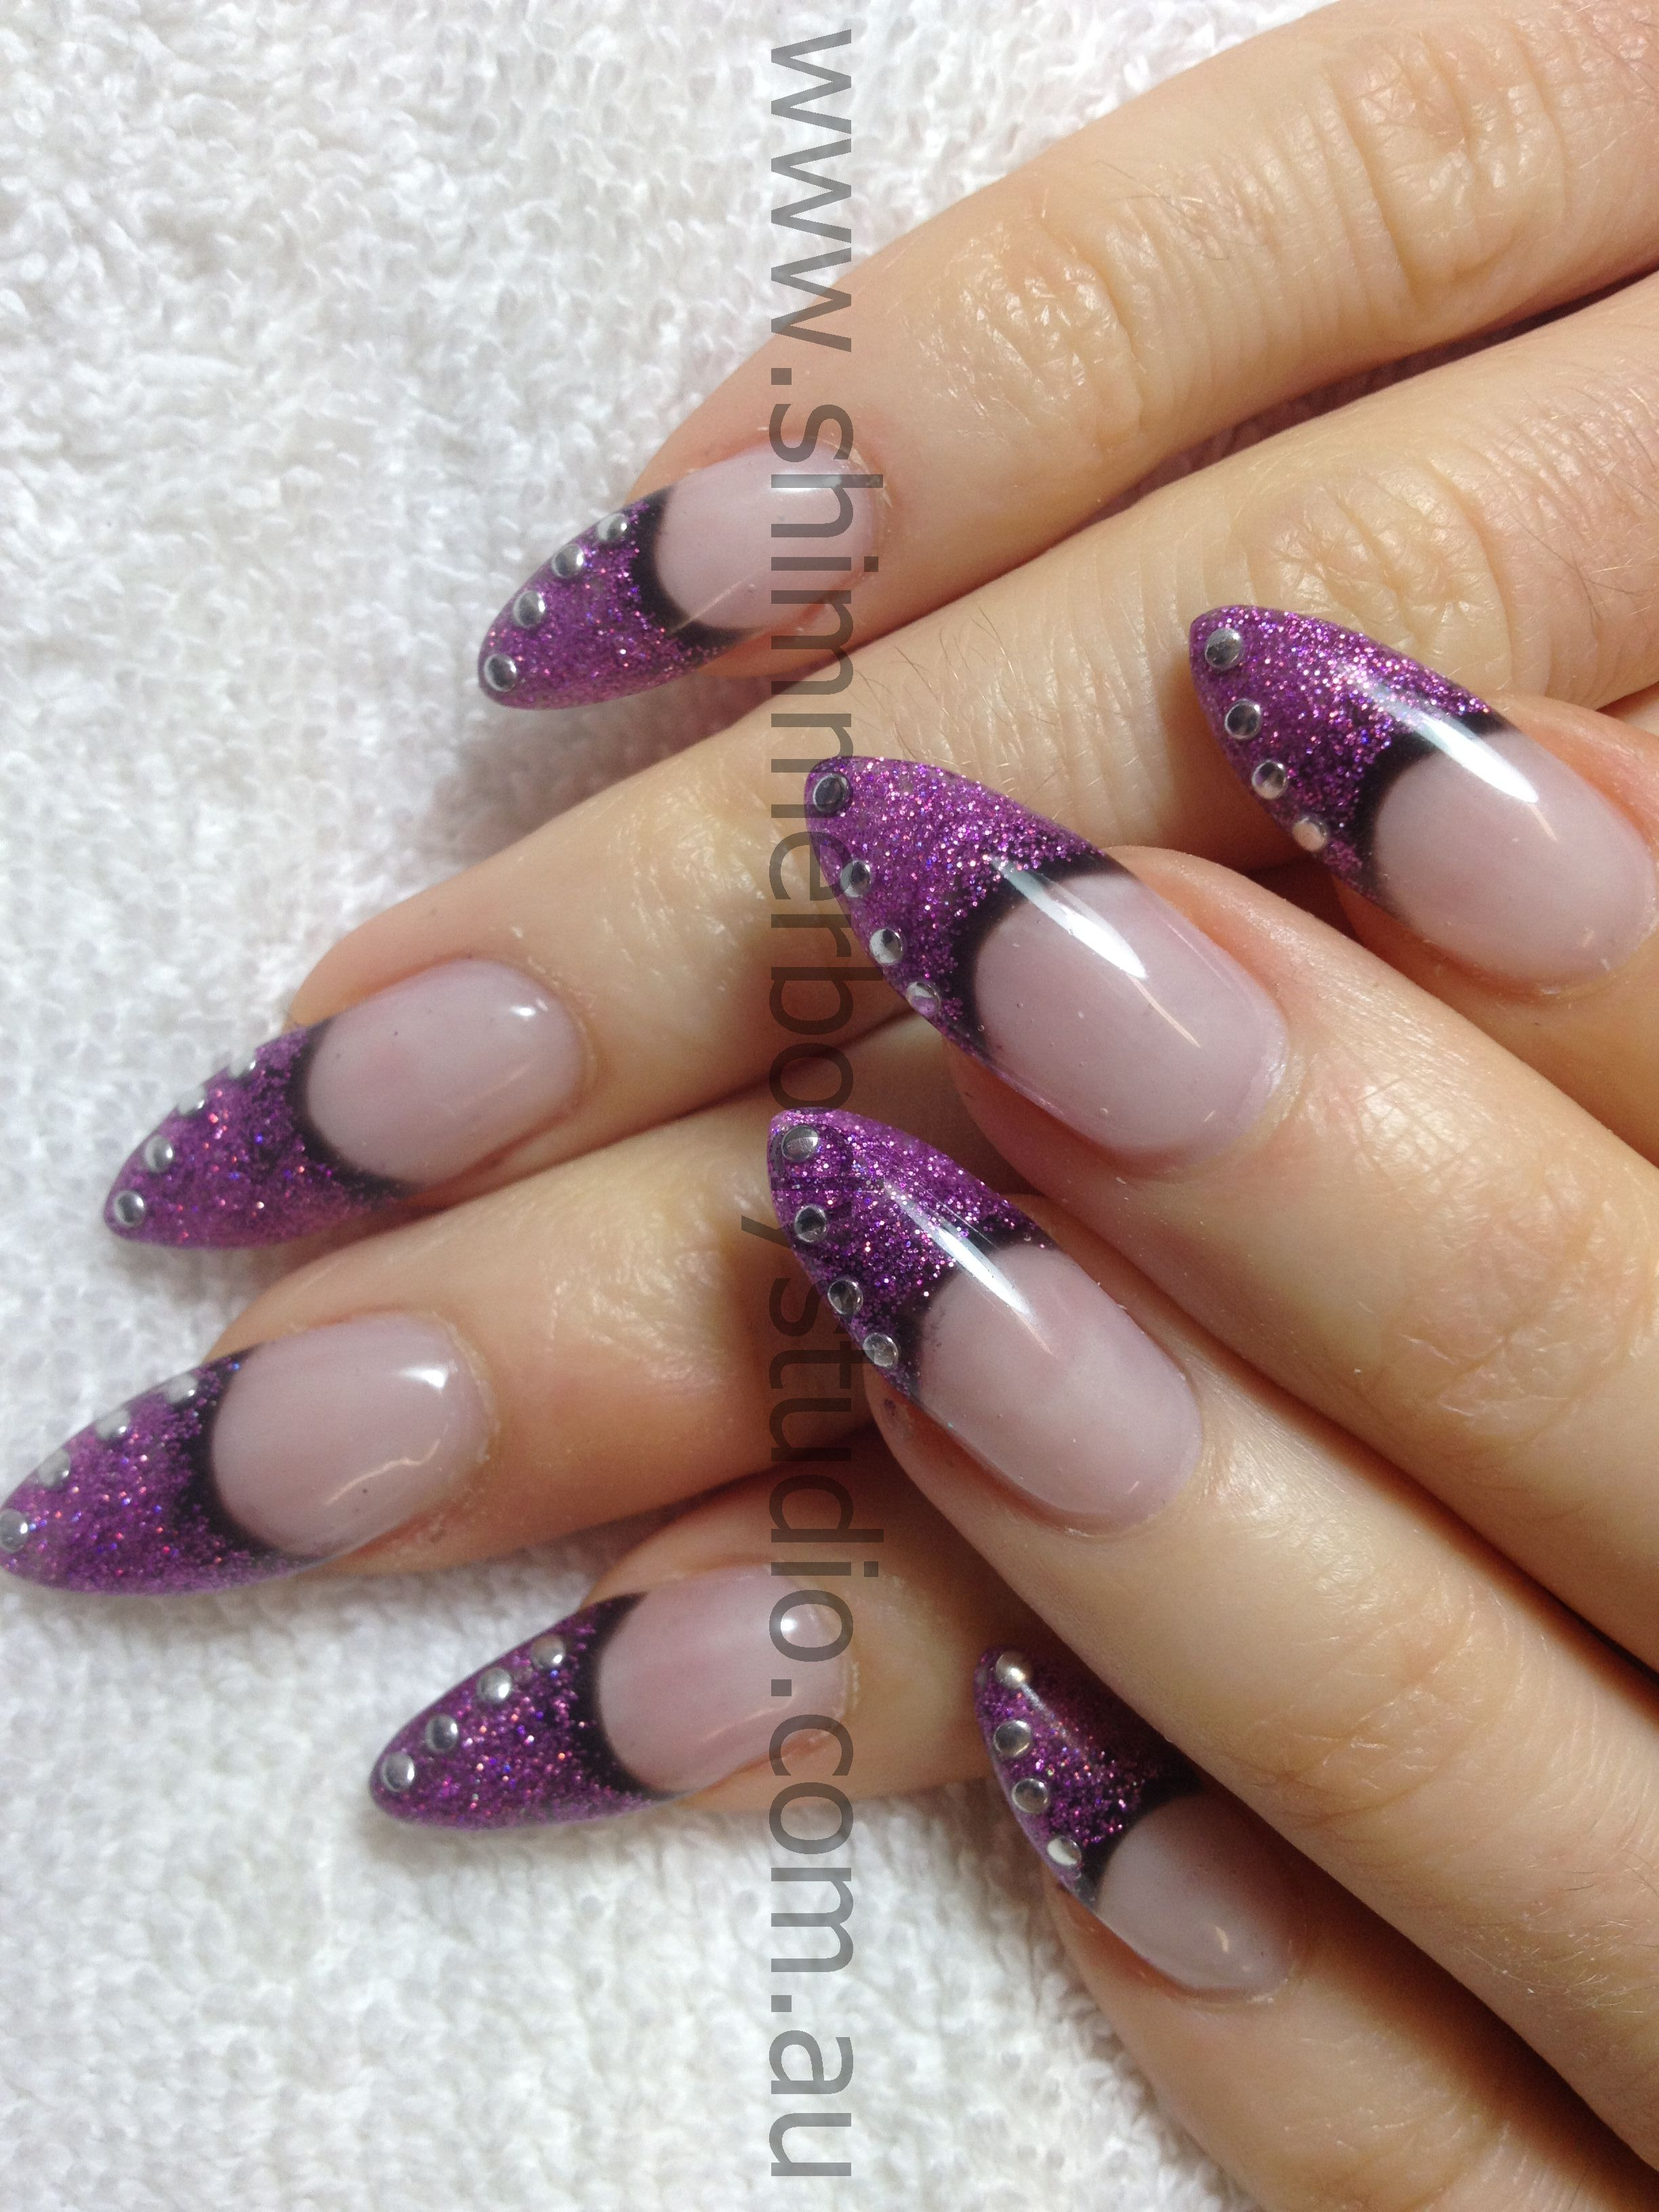 Gel nails, Glitter nails, Pointed nails, nail art. | Nails ...